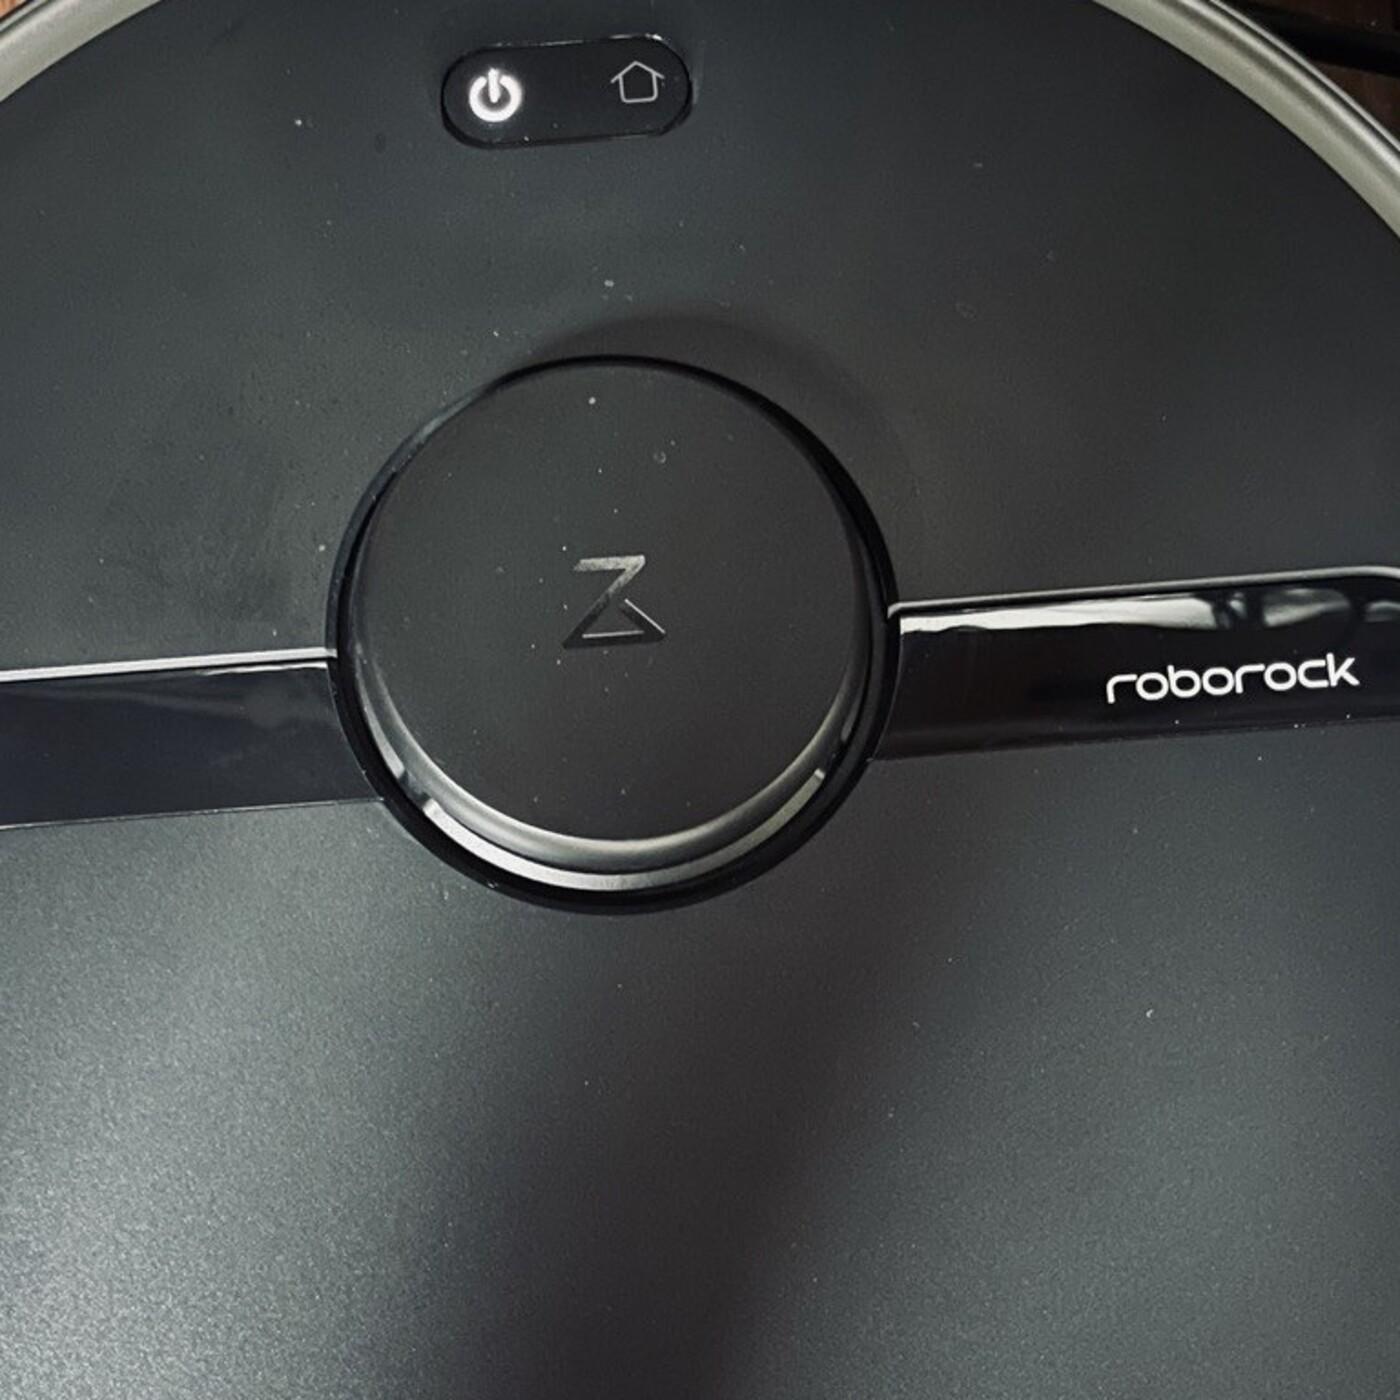 """Especial: Robot de limpieza """"RoboRock S6 Pure"""""""